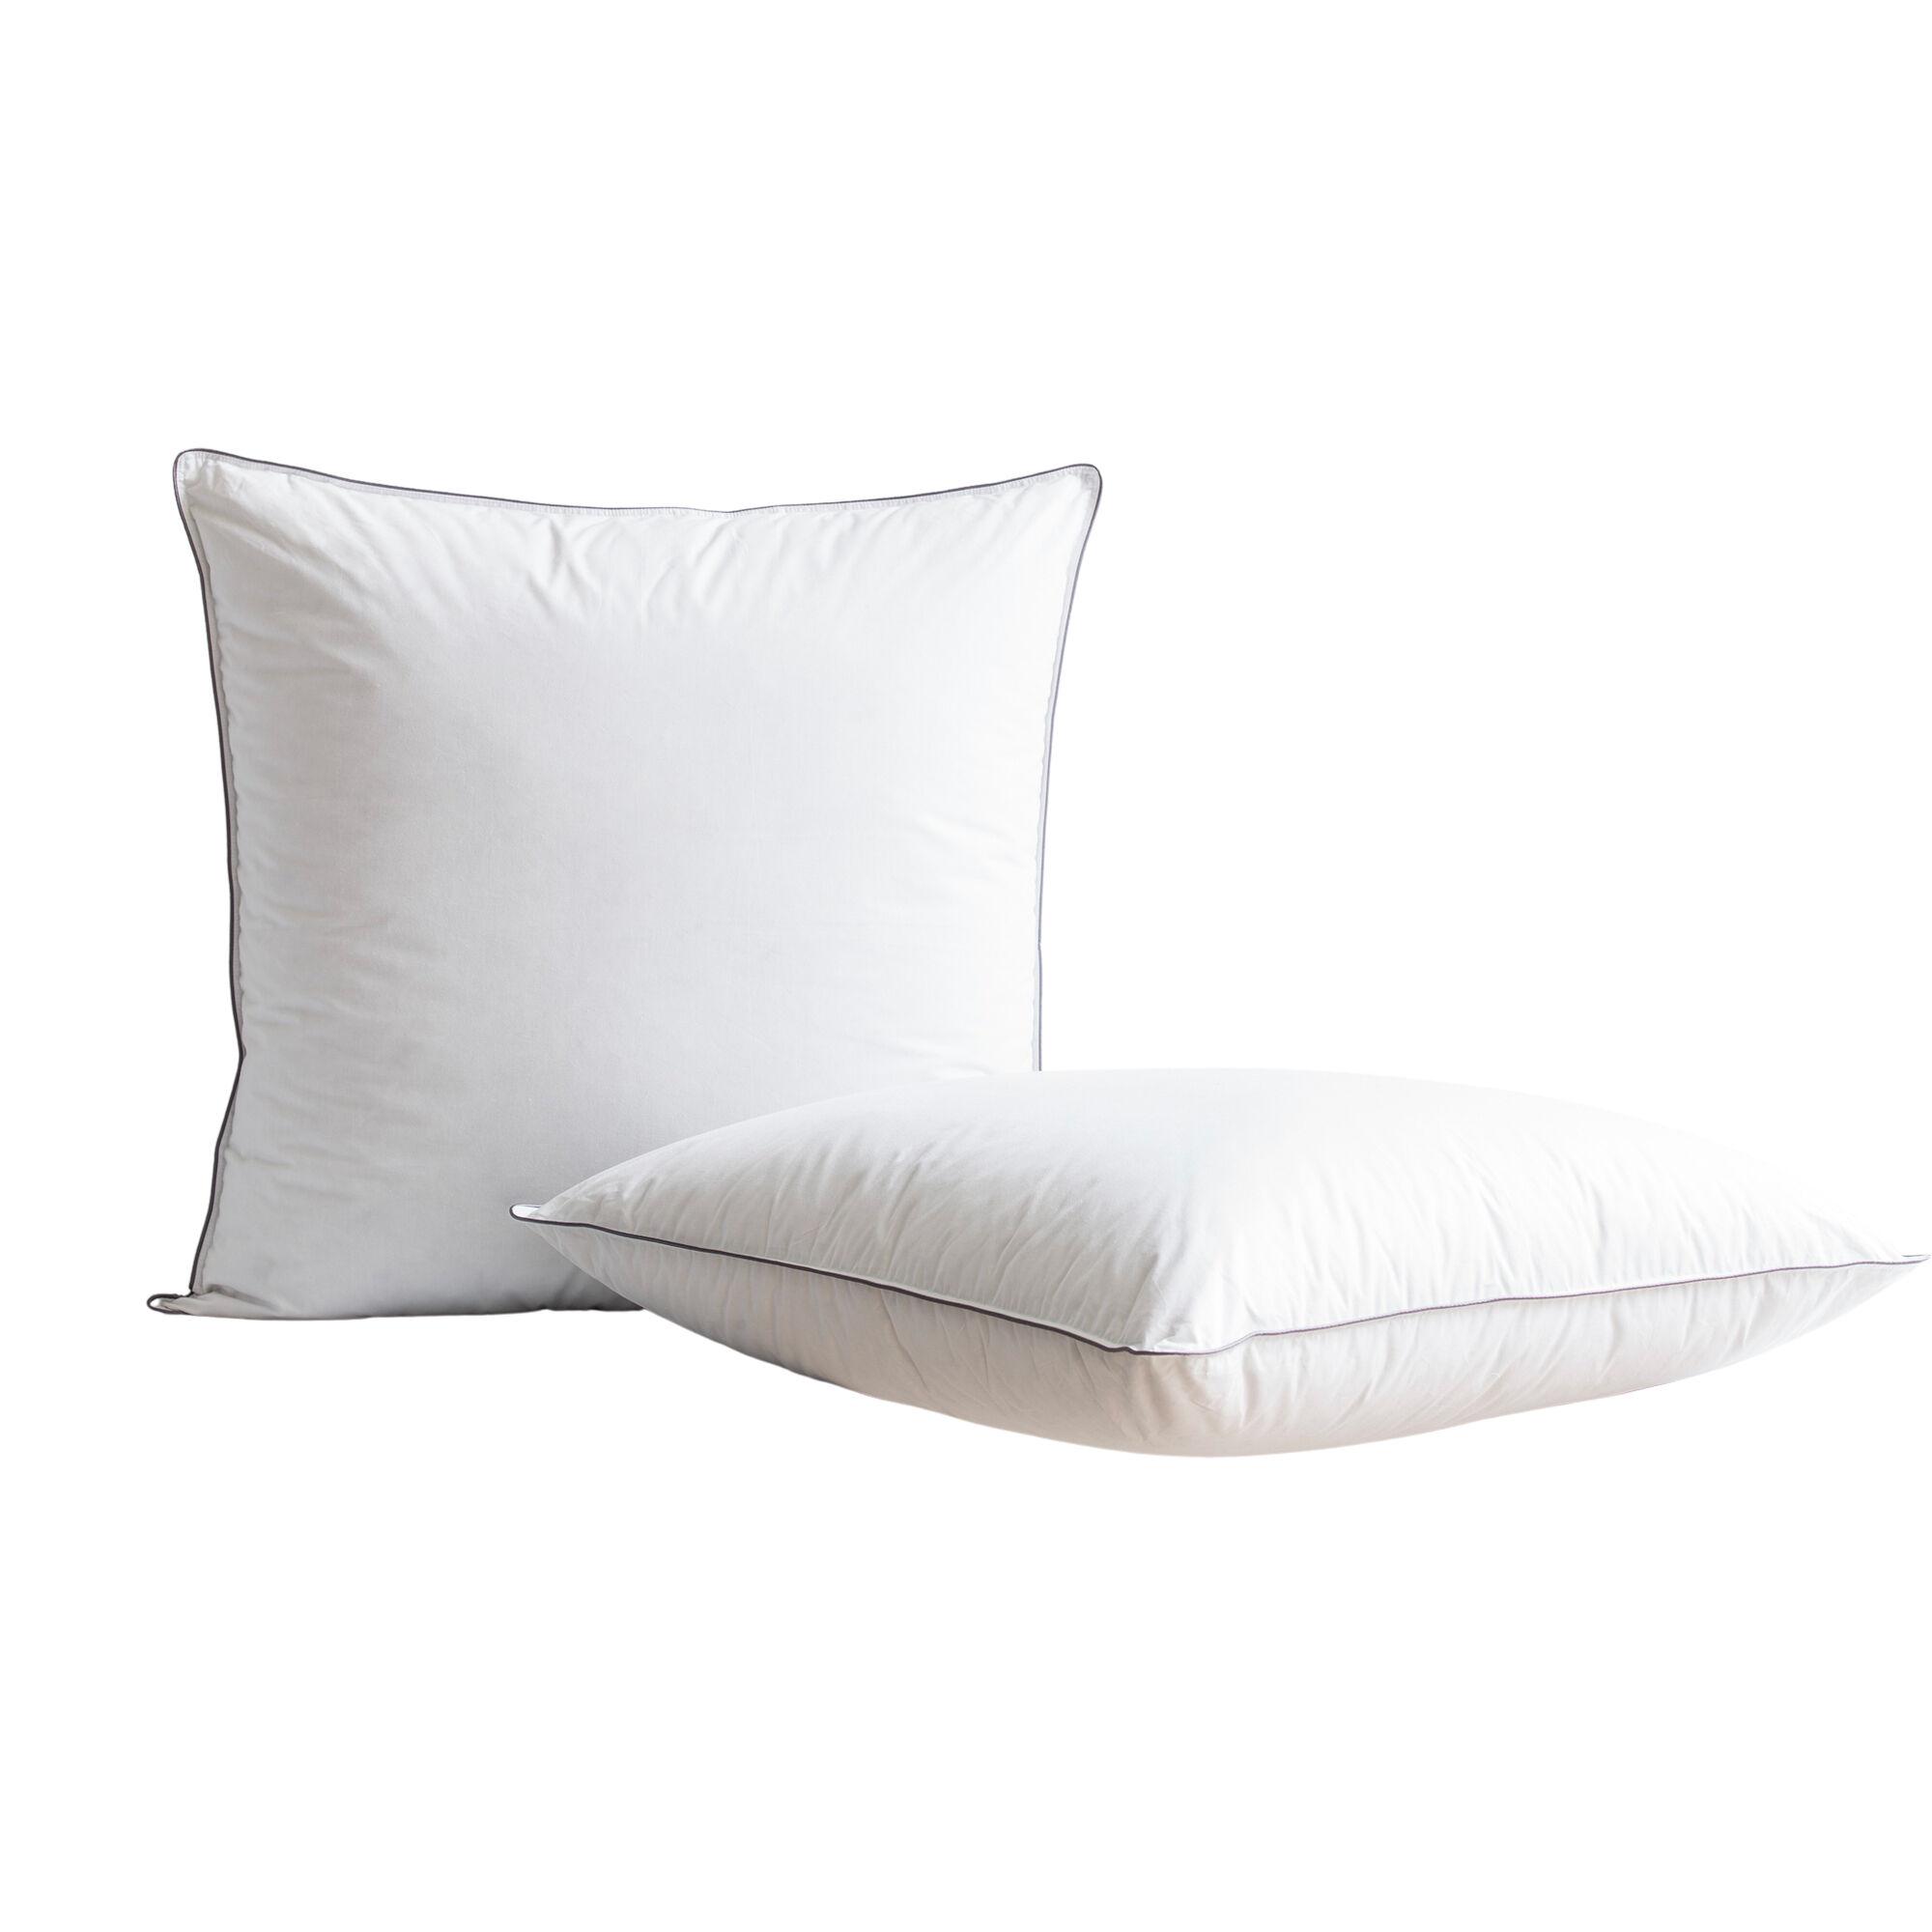 MPC Maison Oreiller htel luxe en Plume Blanc 50x70 cm